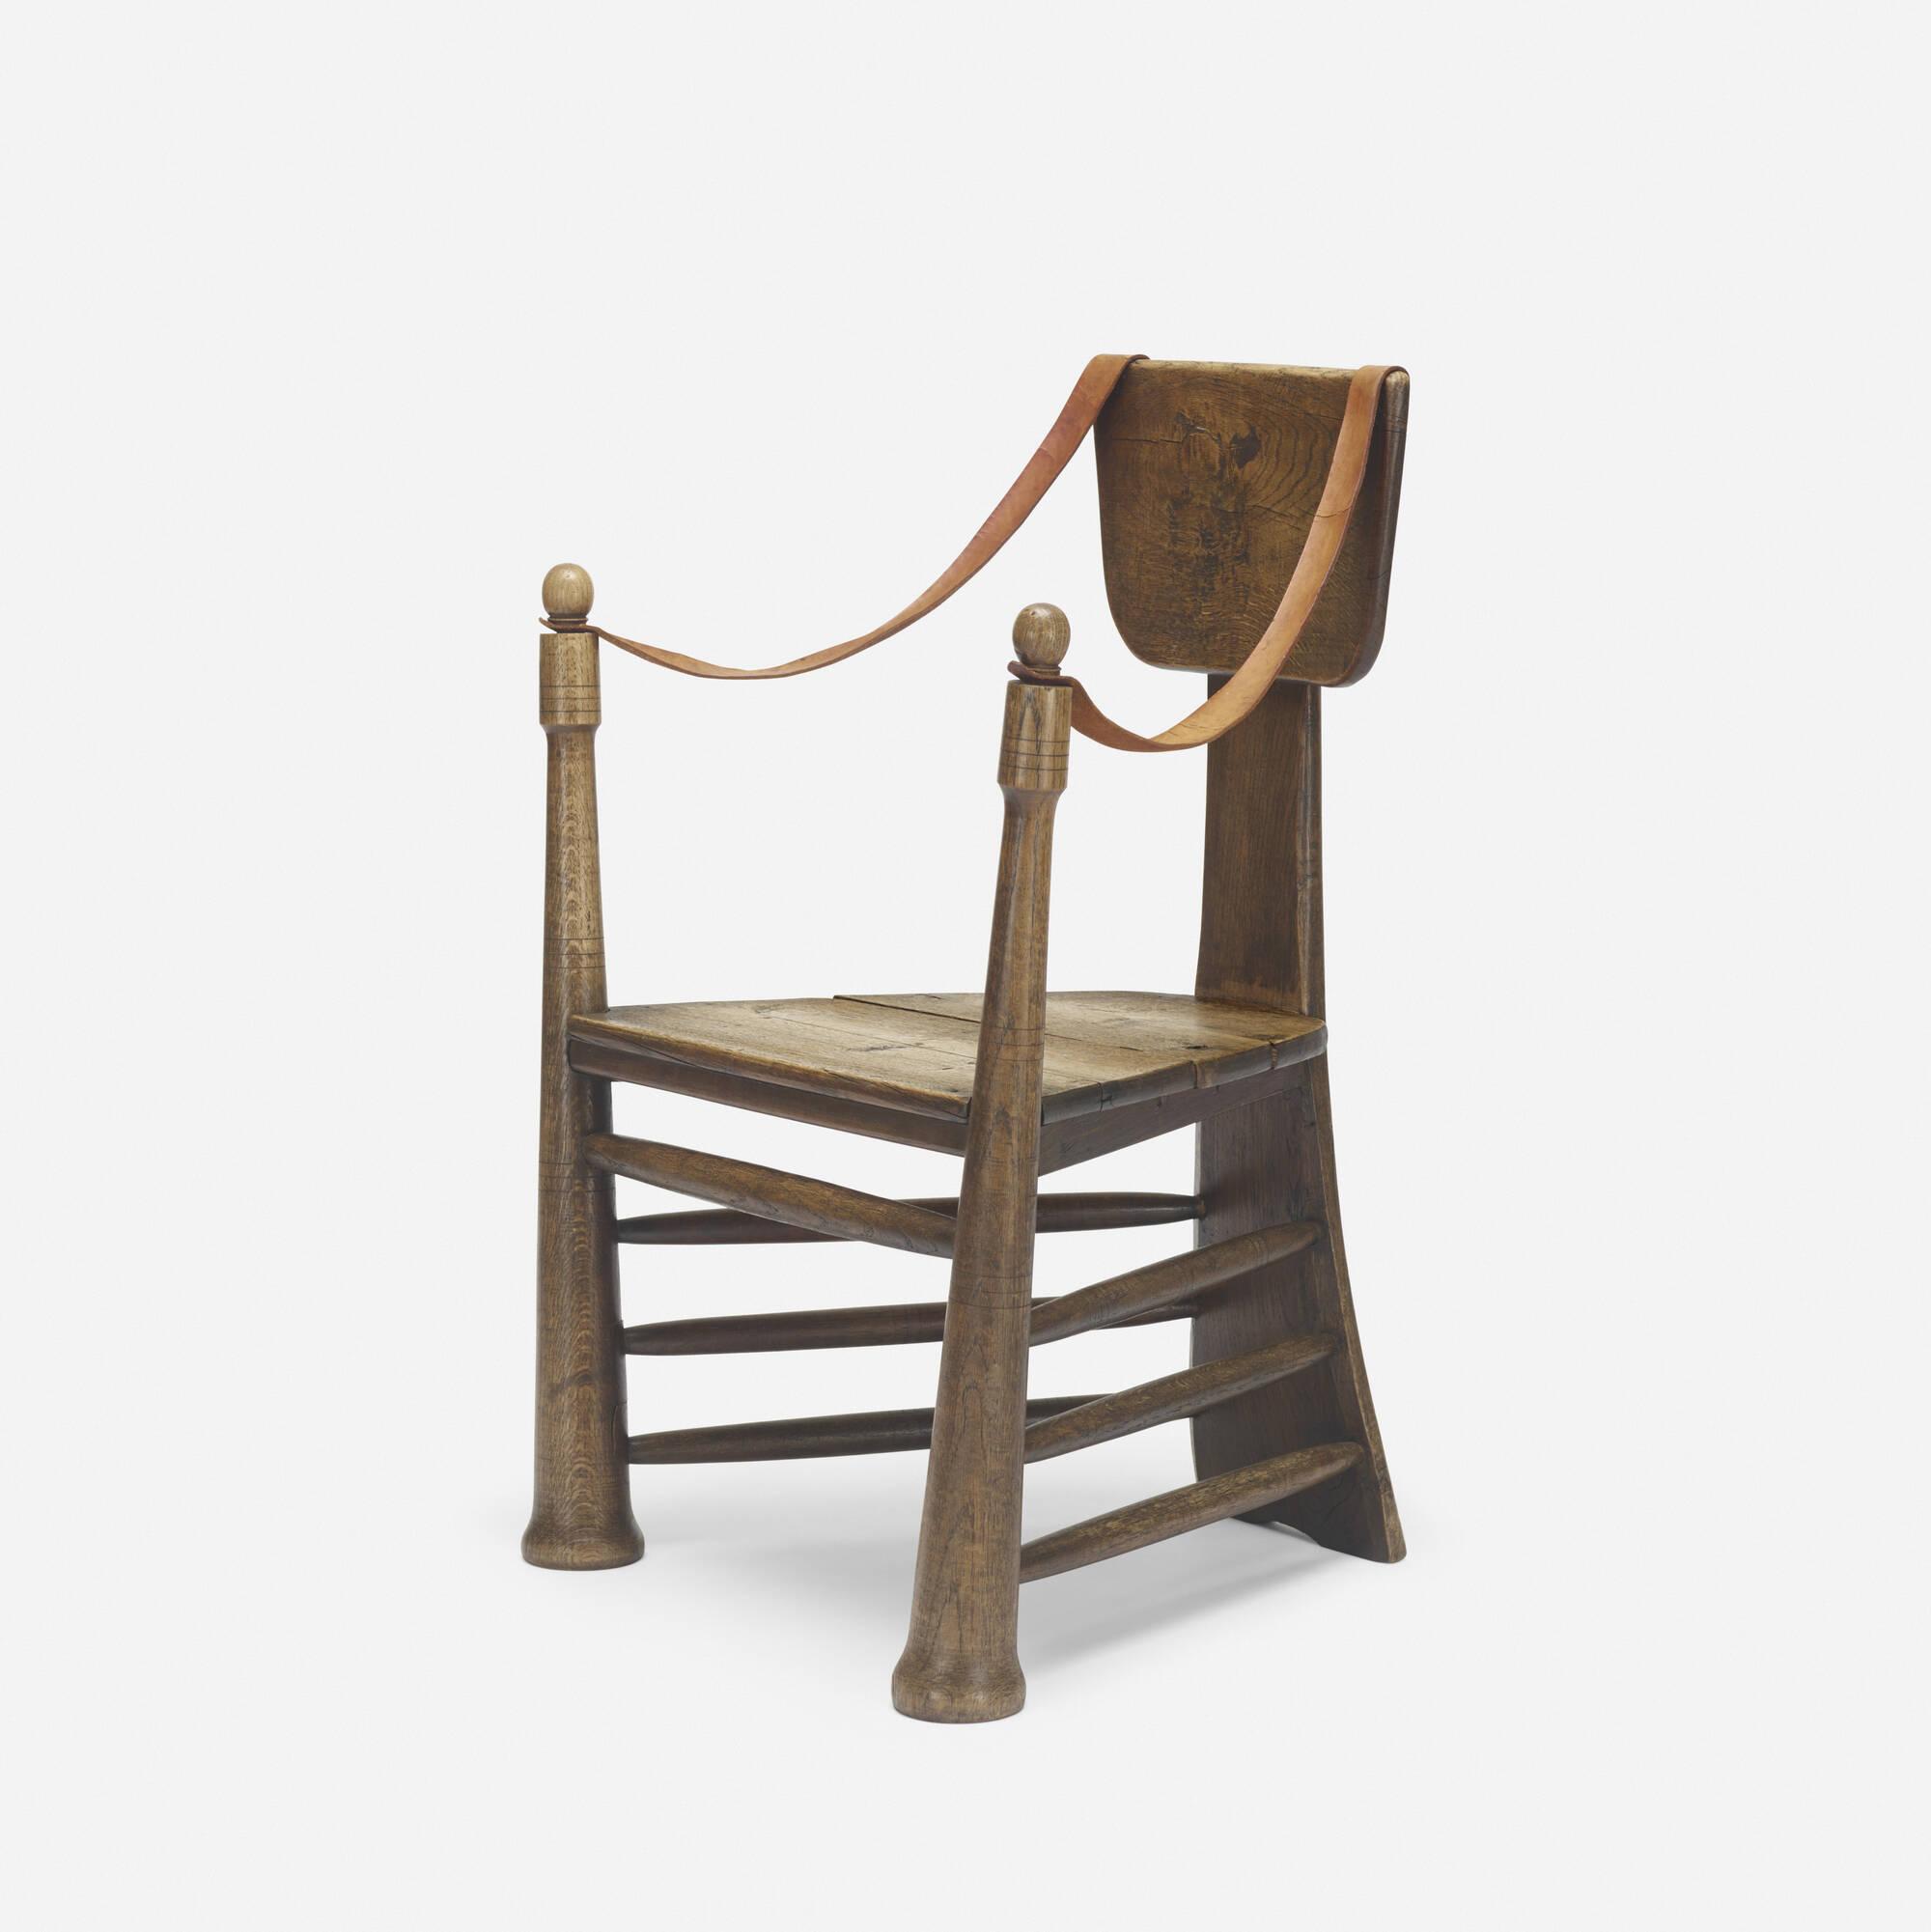 253: Pierre Cuypers / rare garden chair for Castle De Haar (1 of 4)